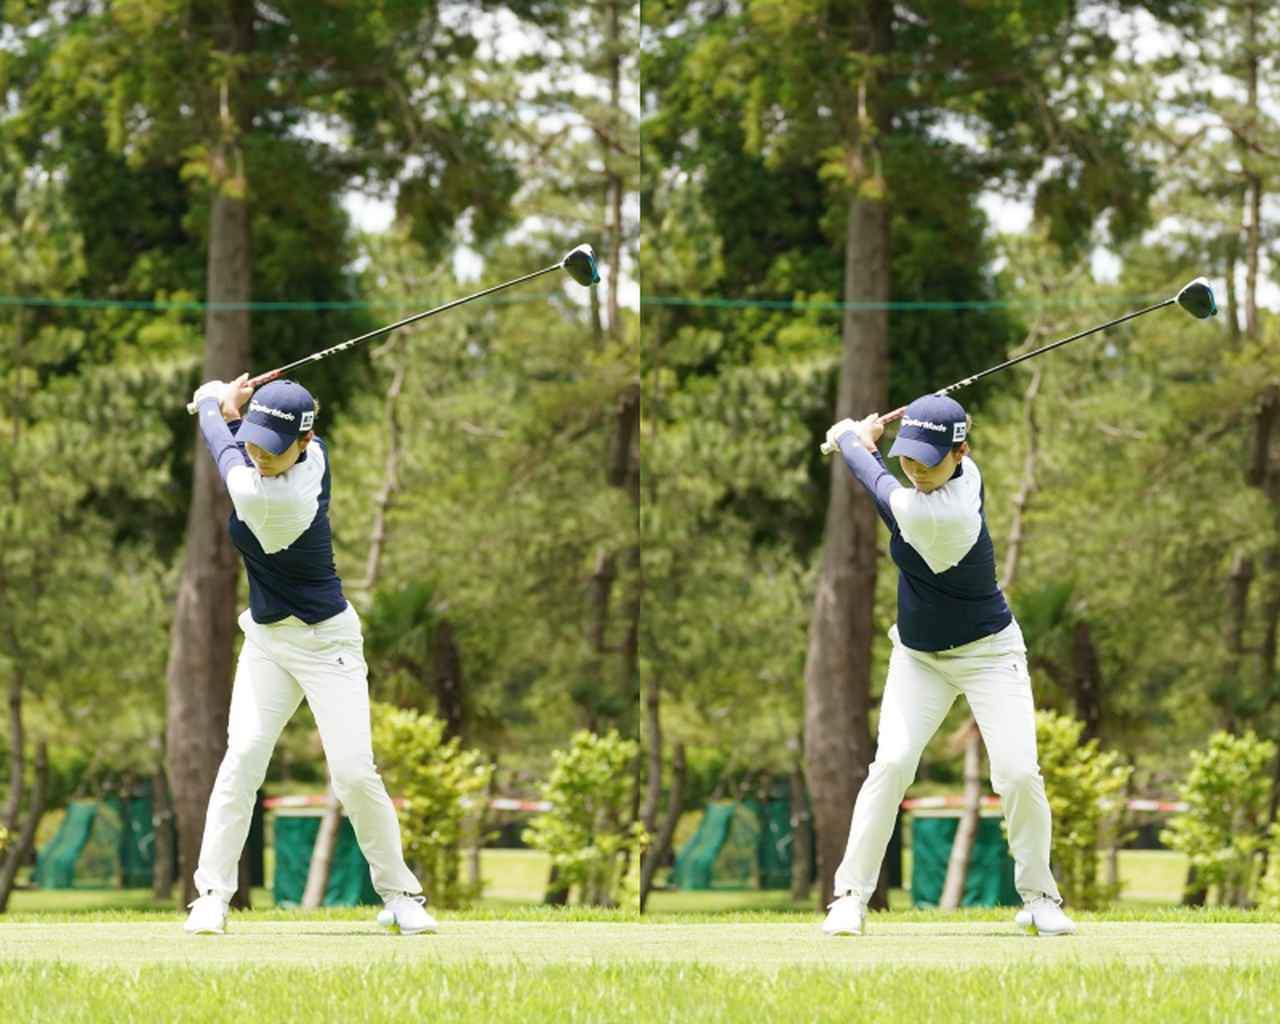 画像: 画像A 頭の高さが沈み込むように前傾を深くなるように切り返すことでトップでの間を作り大きな回転力へと変換する(写真は2021年のニチレイレディス 写真/大澤進二)